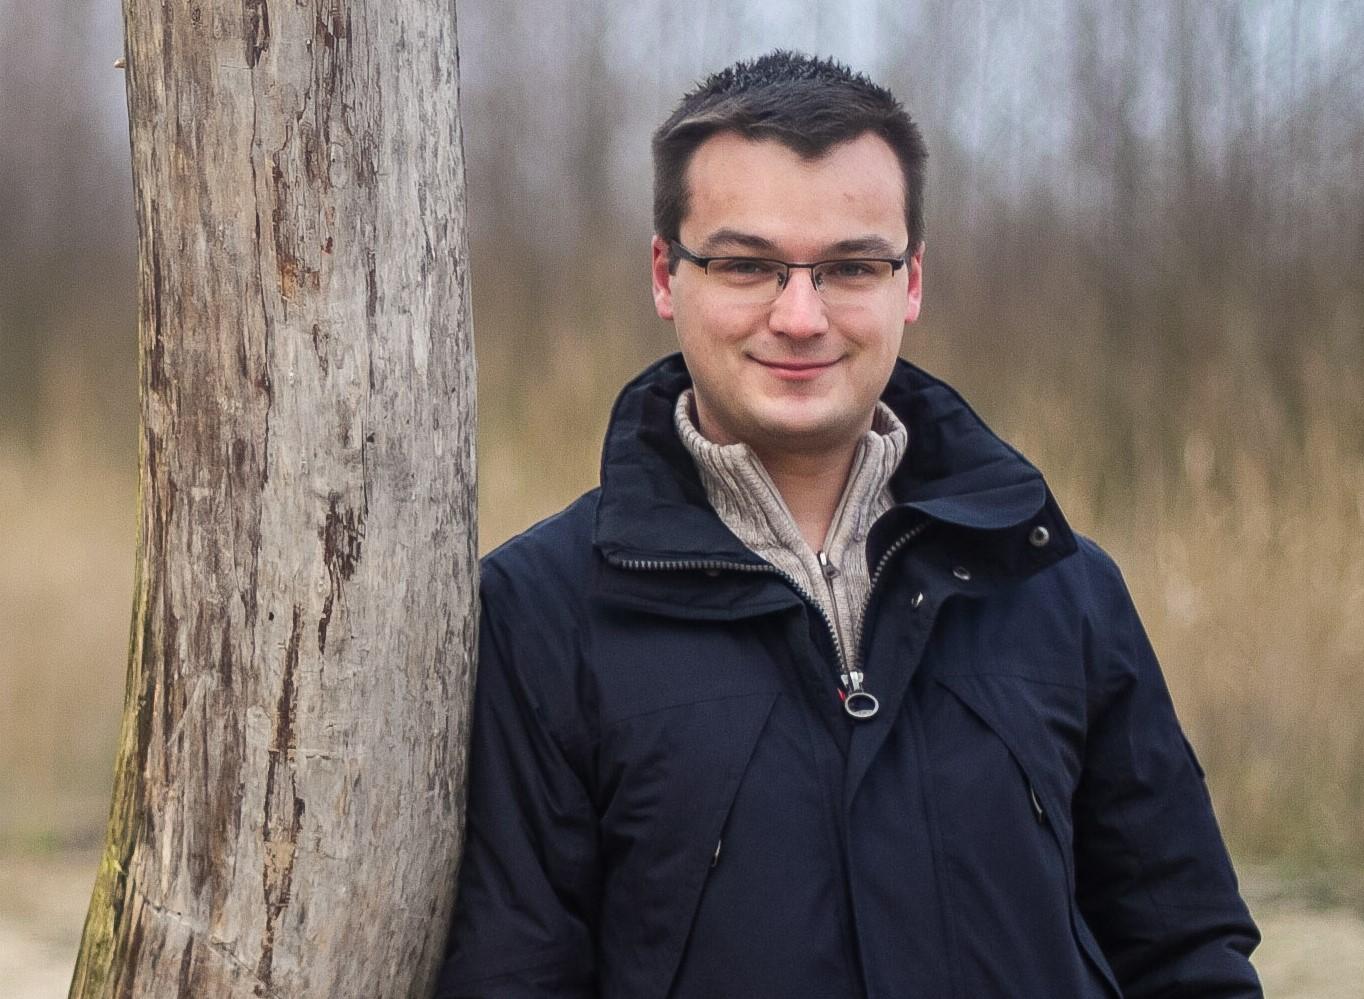 Malte Jörn Krafft als Kandidat für die Bürgermeisterwahl der Samtgemeinde Elbmarsch nominiert